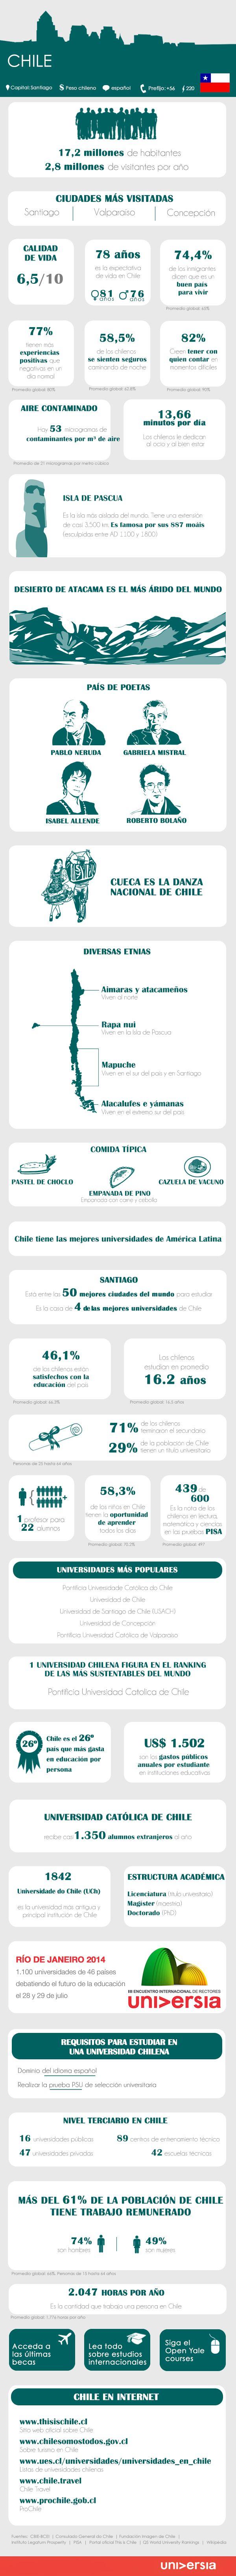 Infografía: ¿Viajas a Chile? Si te vas de intercambio académico o a trabajar deberías conocer estos 30 datos vía: http://noticias.universia.hn/